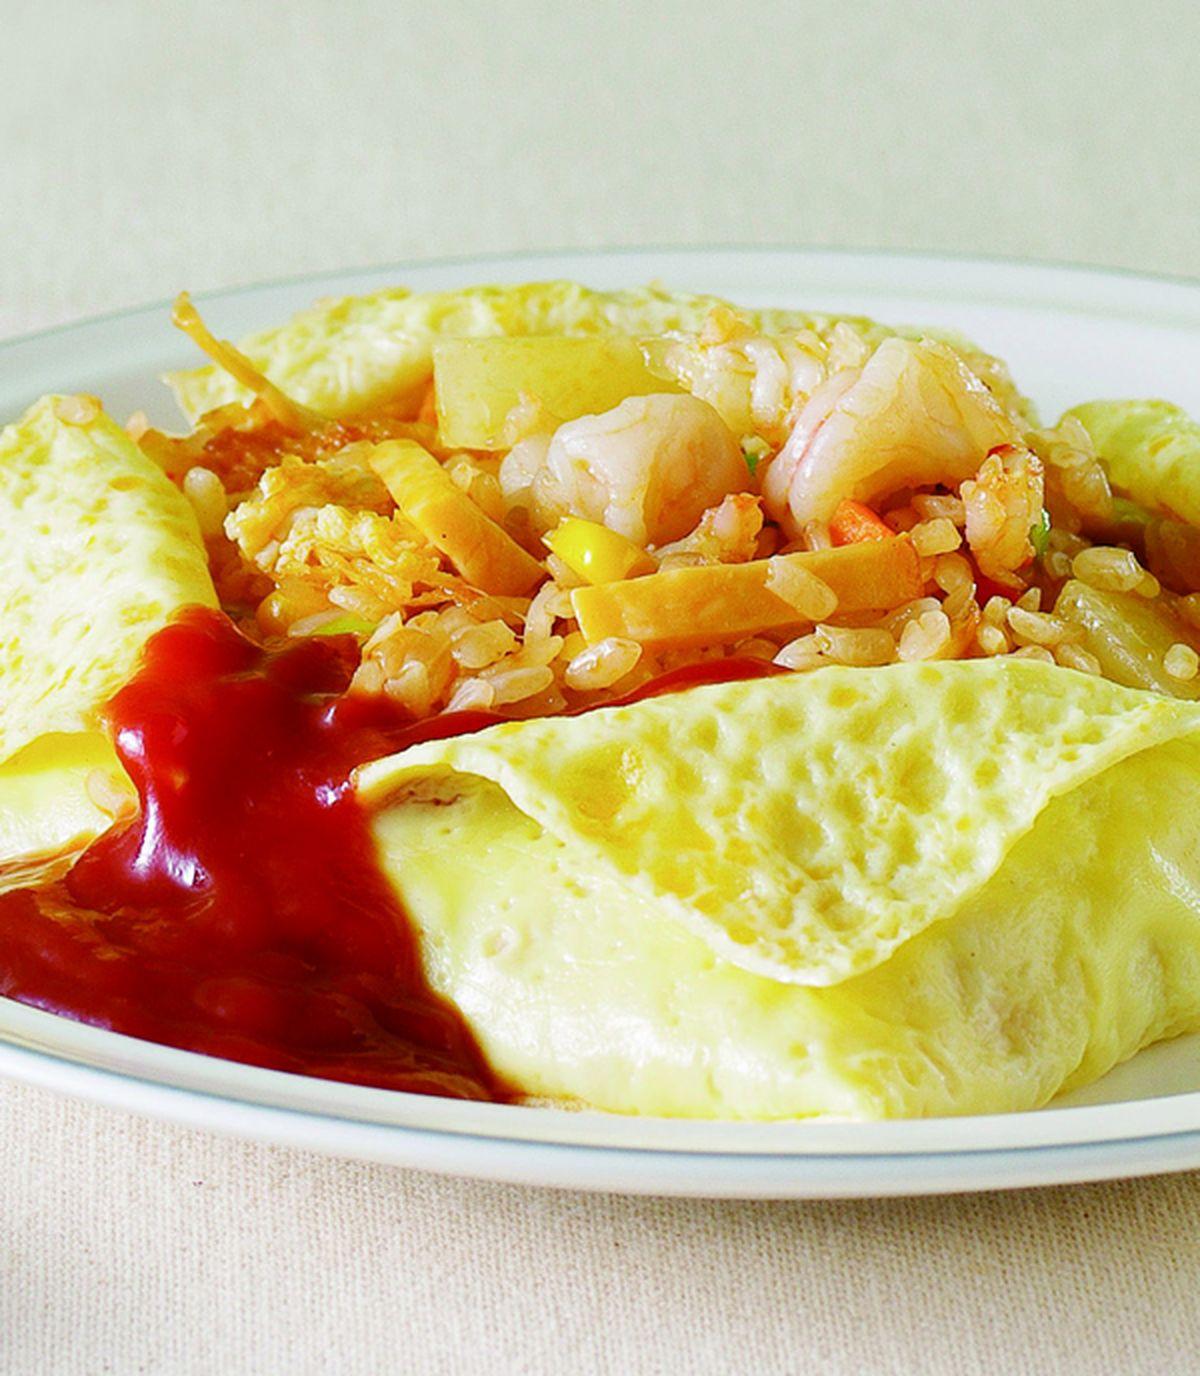 食譜:蛋包炒飯